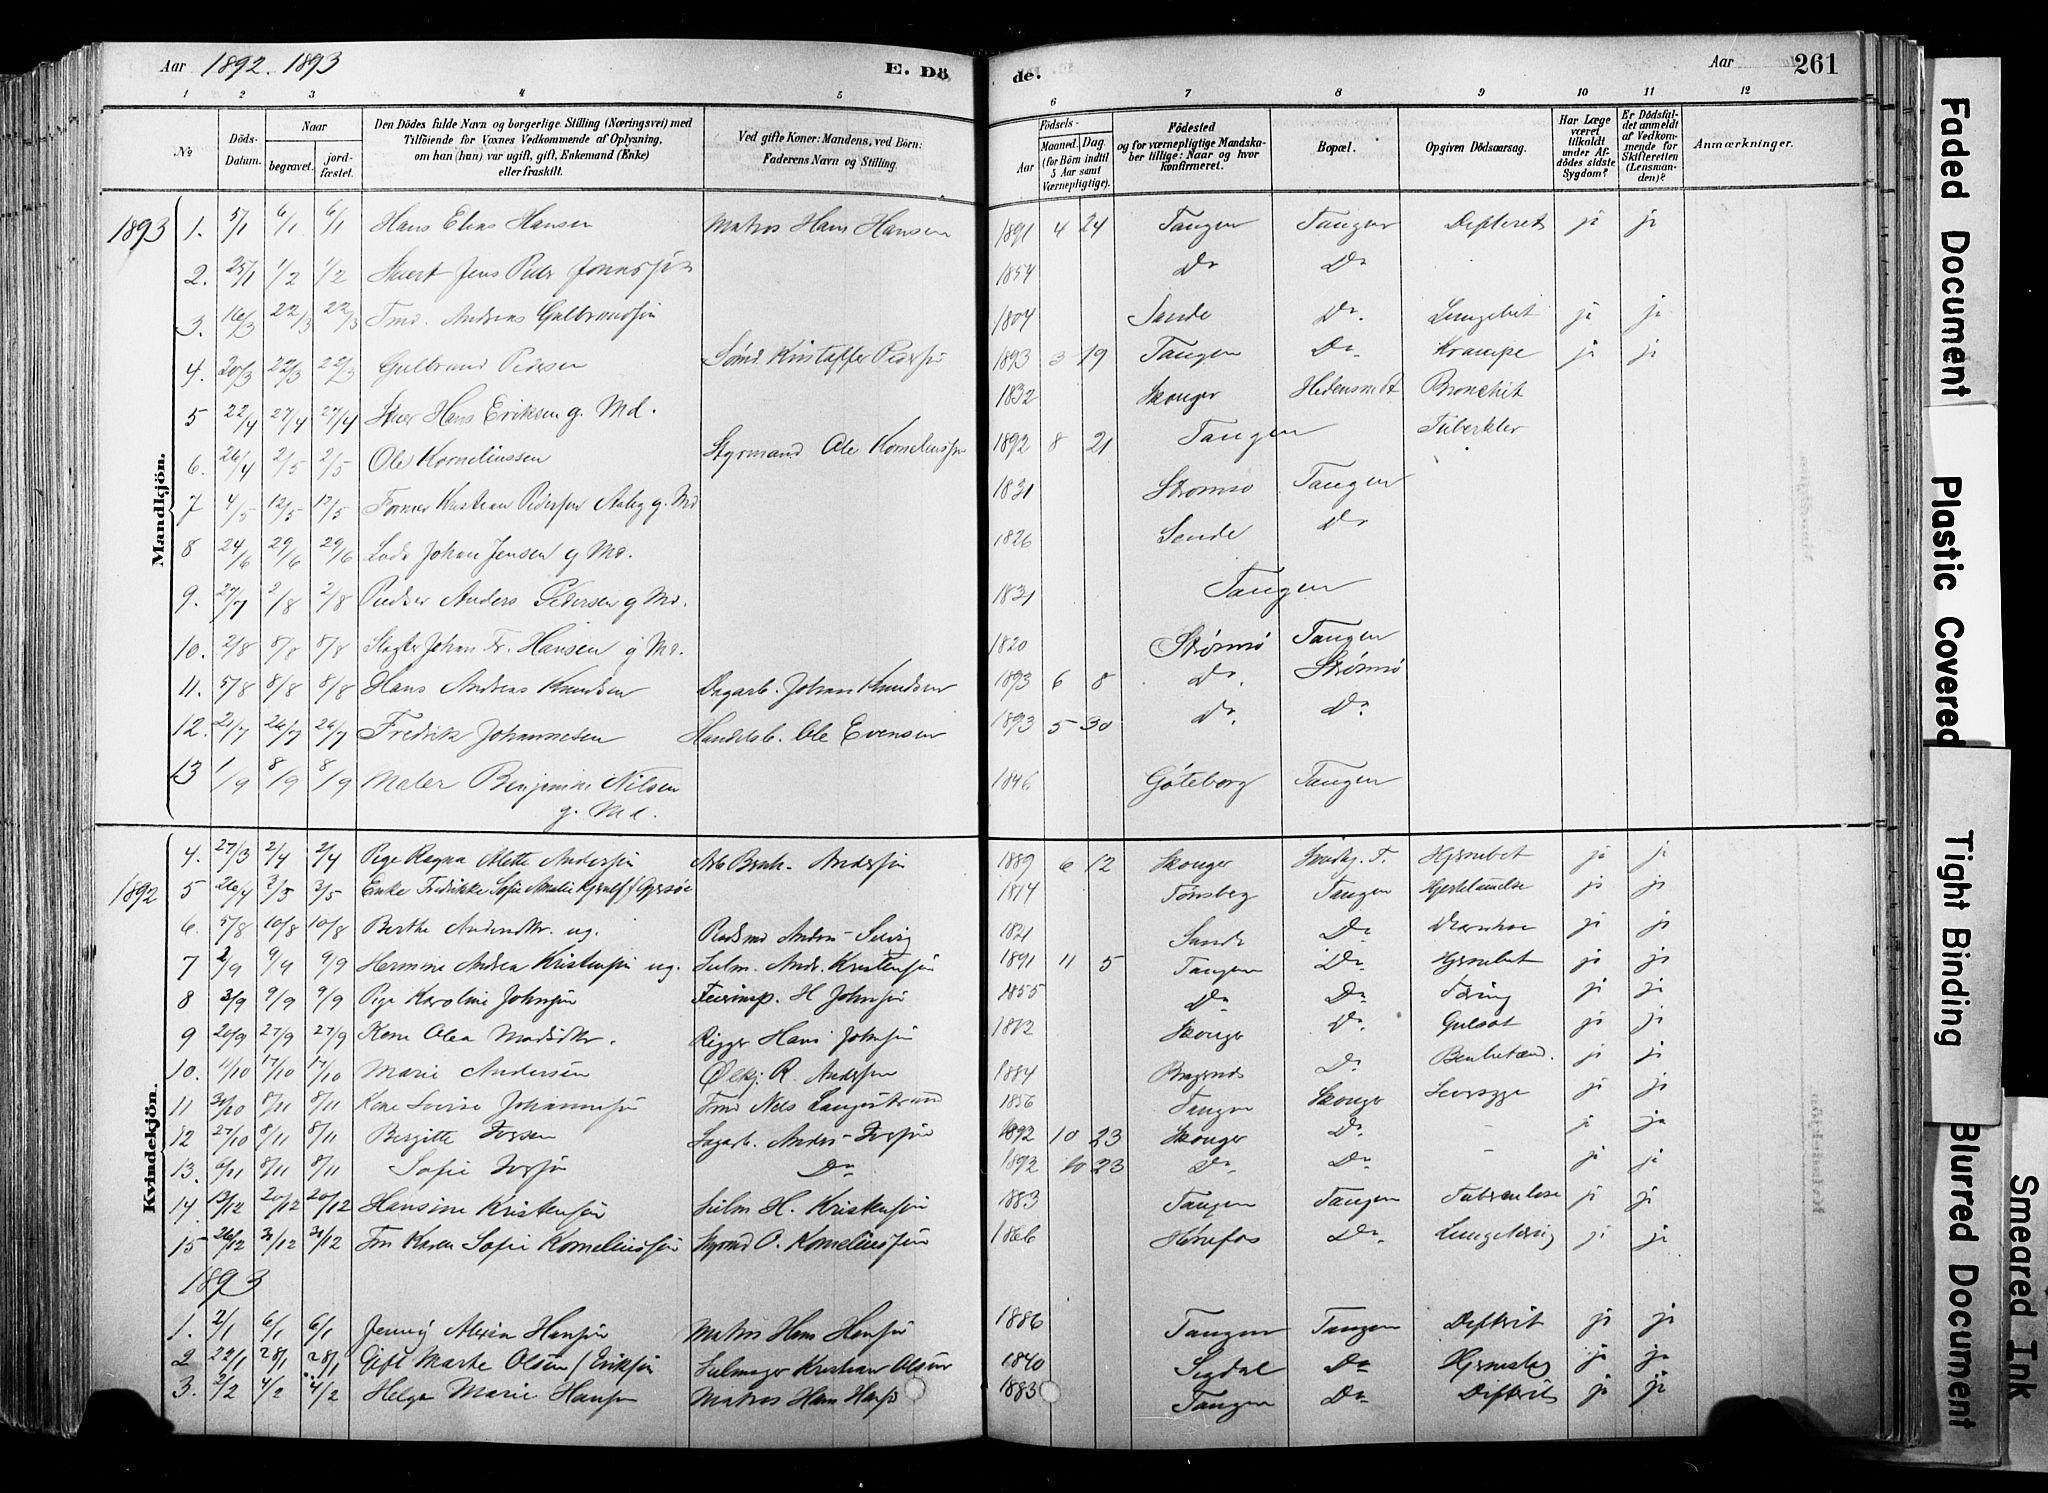 SAKO, Strømsø kirkebøker, F/Fb/L0006: Ministerialbok nr. II 6, 1879-1910, s. 261